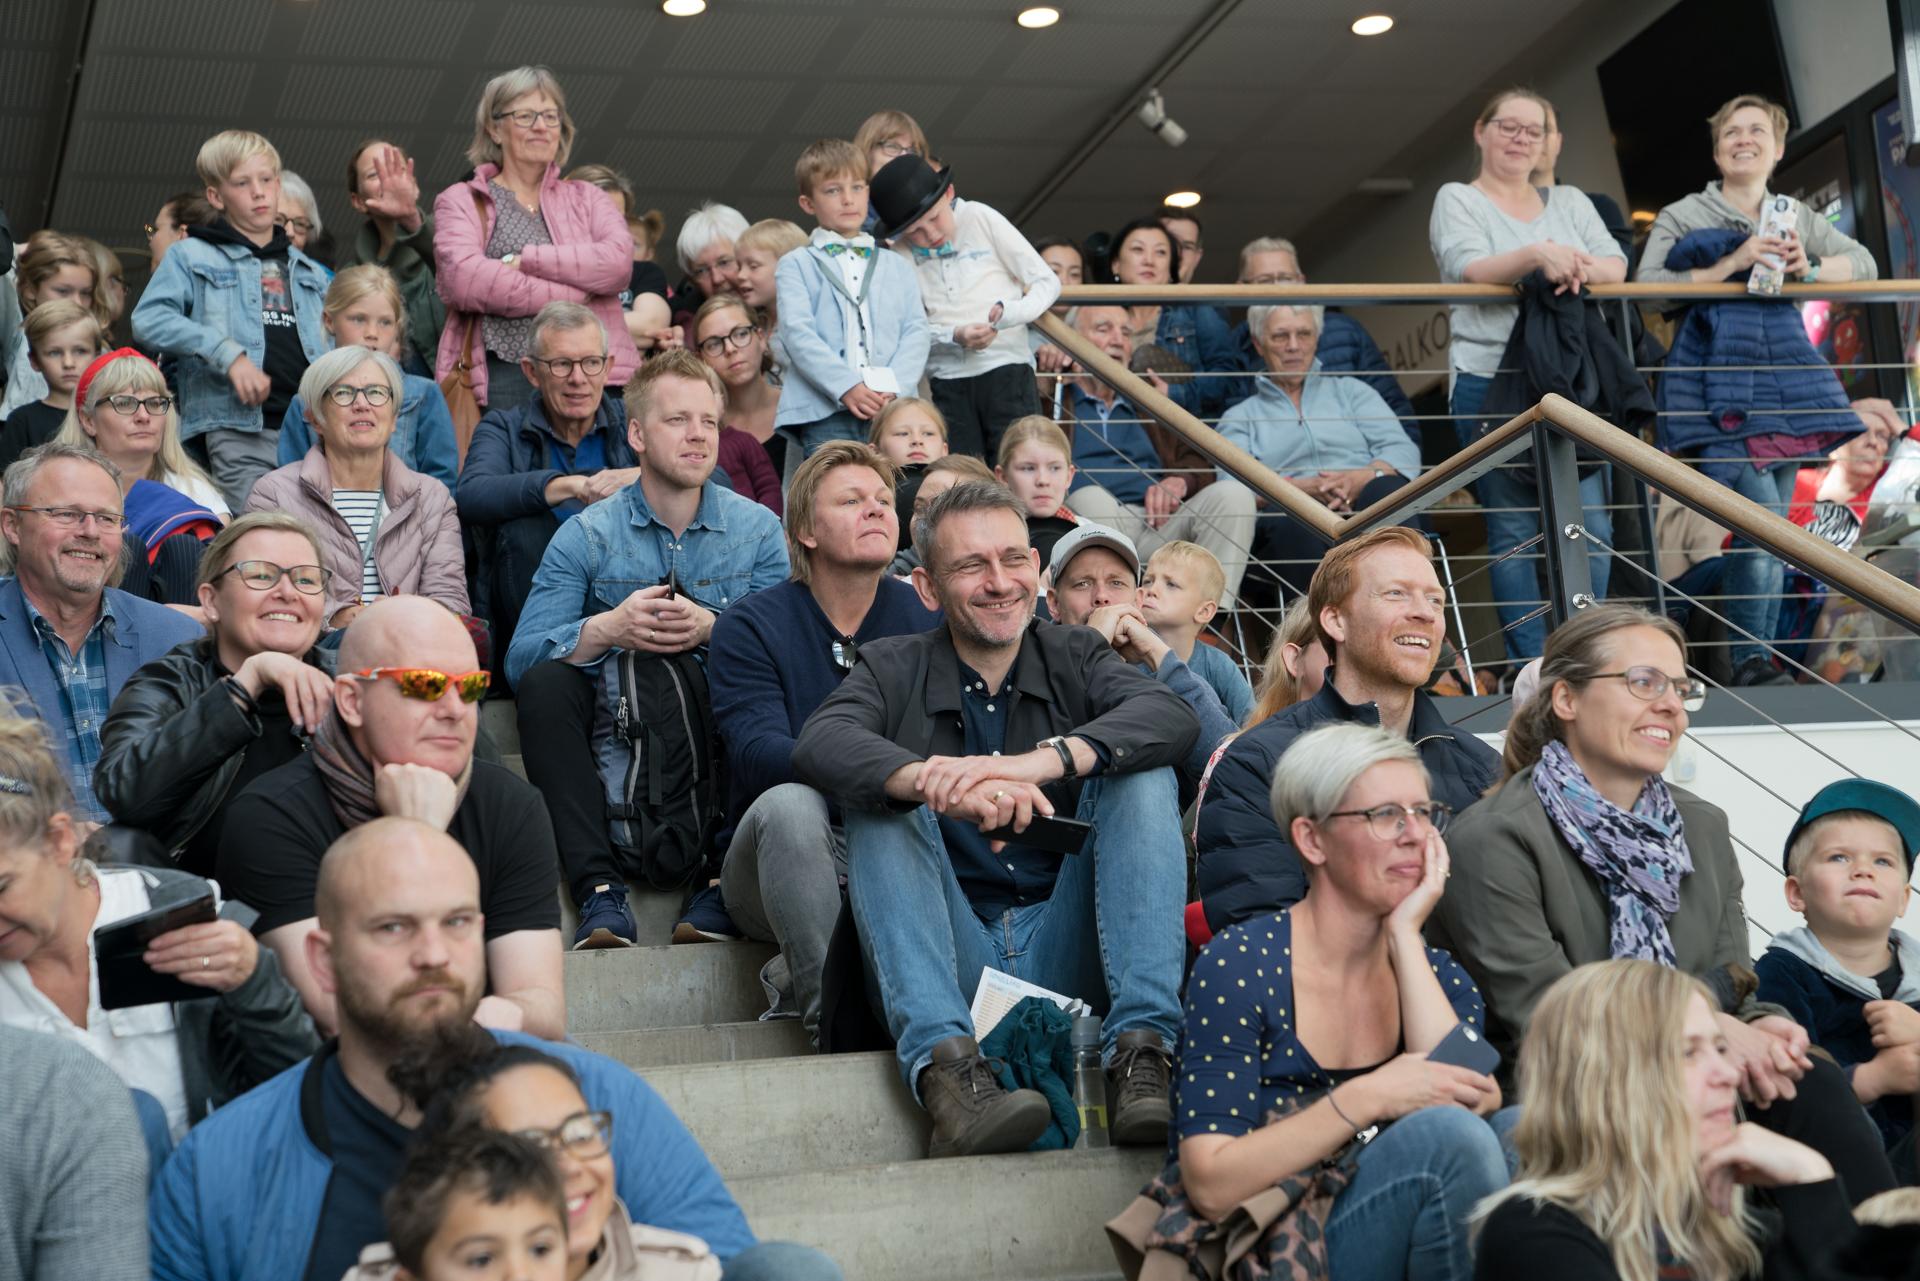 Sløngeldage lørdag - web - Fotograf Per Bille-20190525-09481.jpg